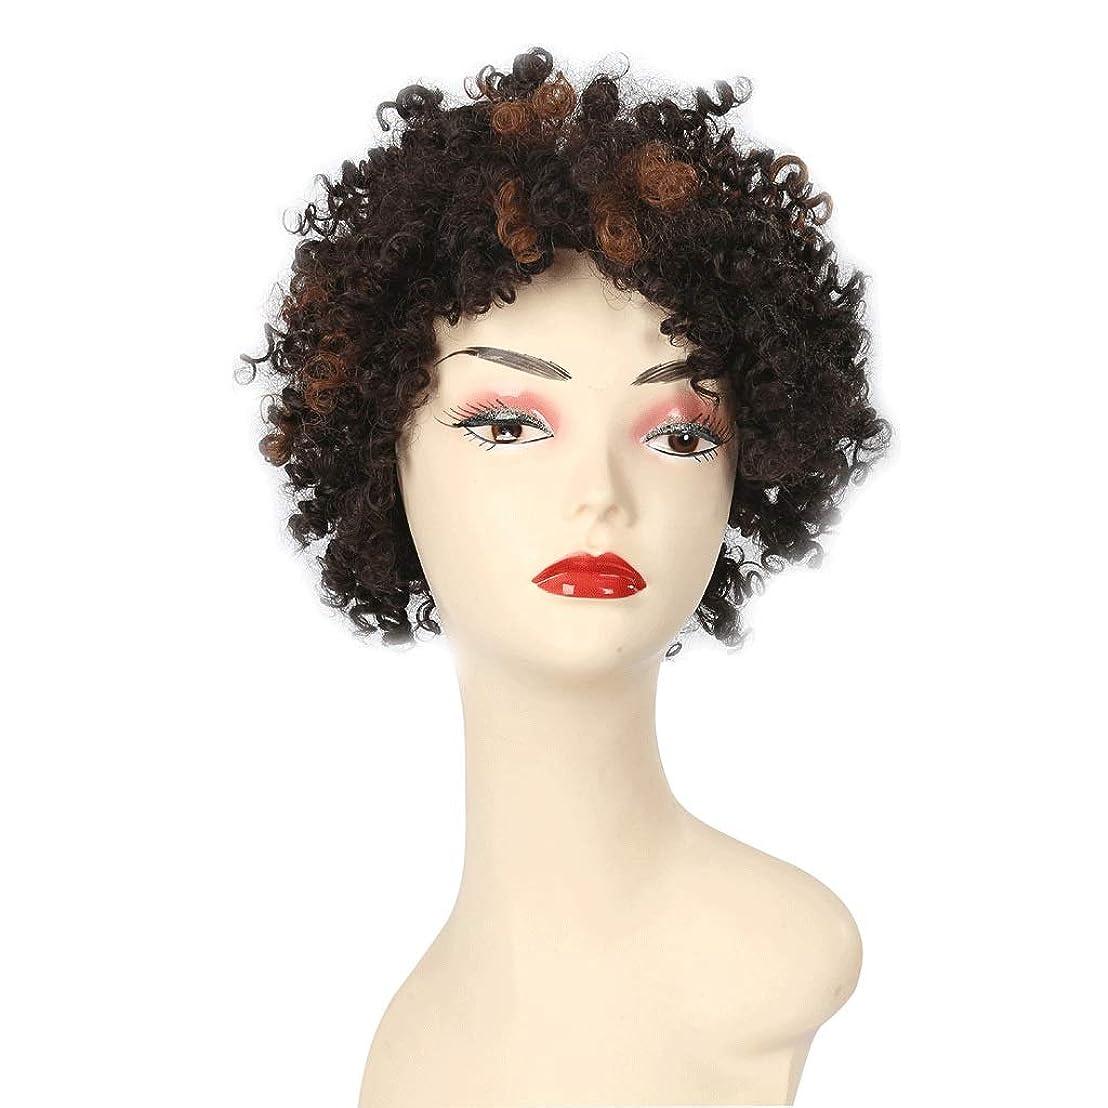 どれでも拮抗するキリマンジャロ黒人女性のためのアフロの短い巻き毛のかつら、女性のための自然な一見ファンシードレス&コスプレパーティー (Color : B)